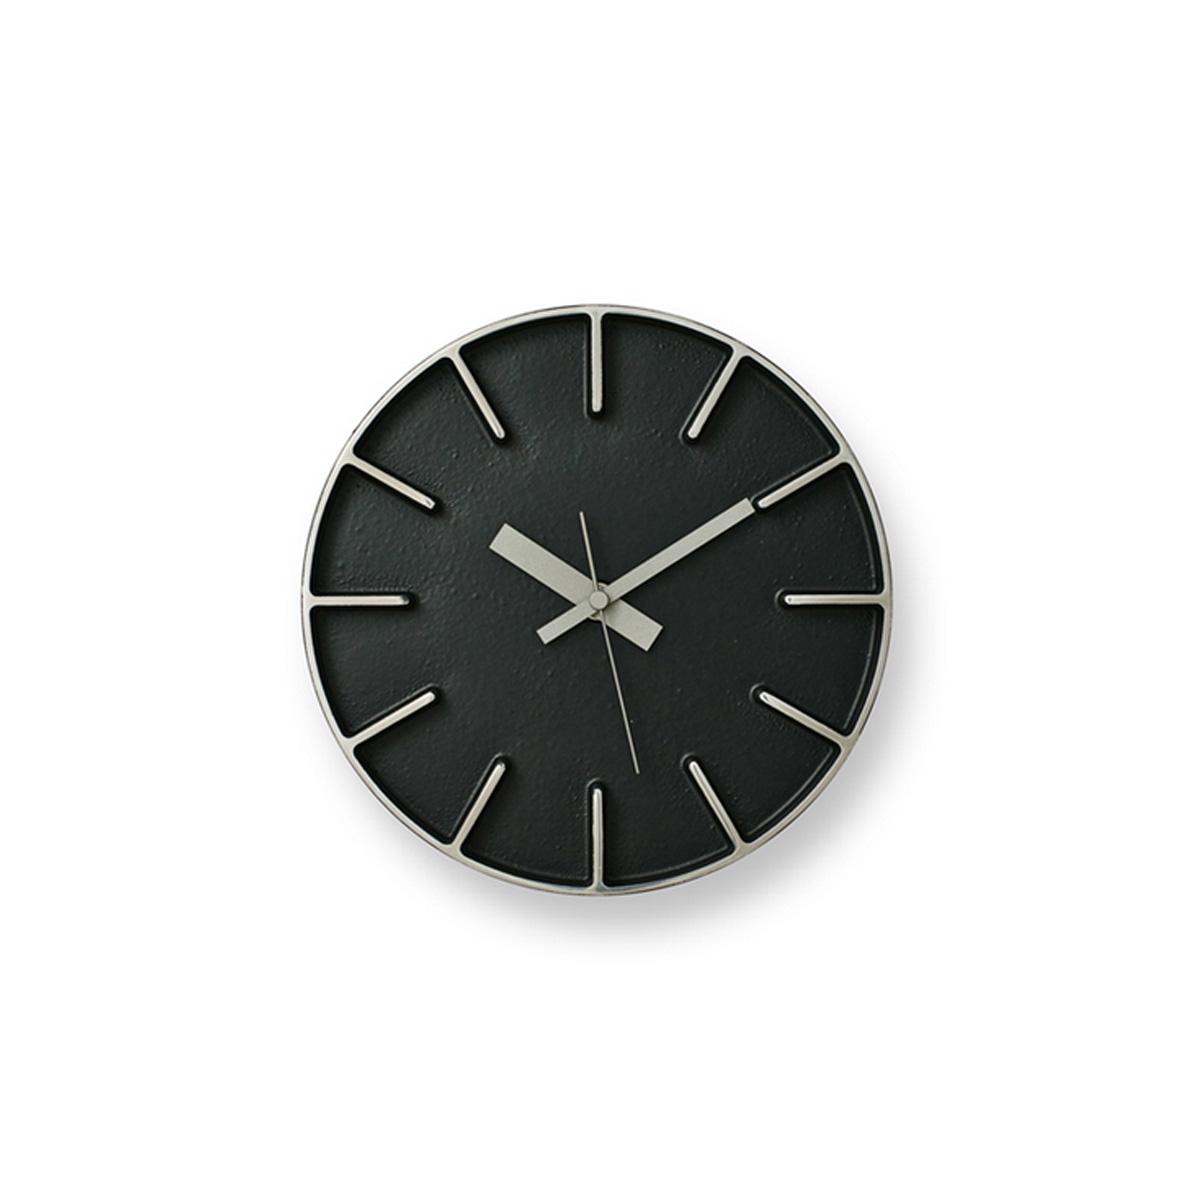 LEMNOS レムノス edge clock エッジクロック Lサイズ AZ-0115 レムノス 壁掛け時計 ウォールクロック スタイリッシュ 北欧